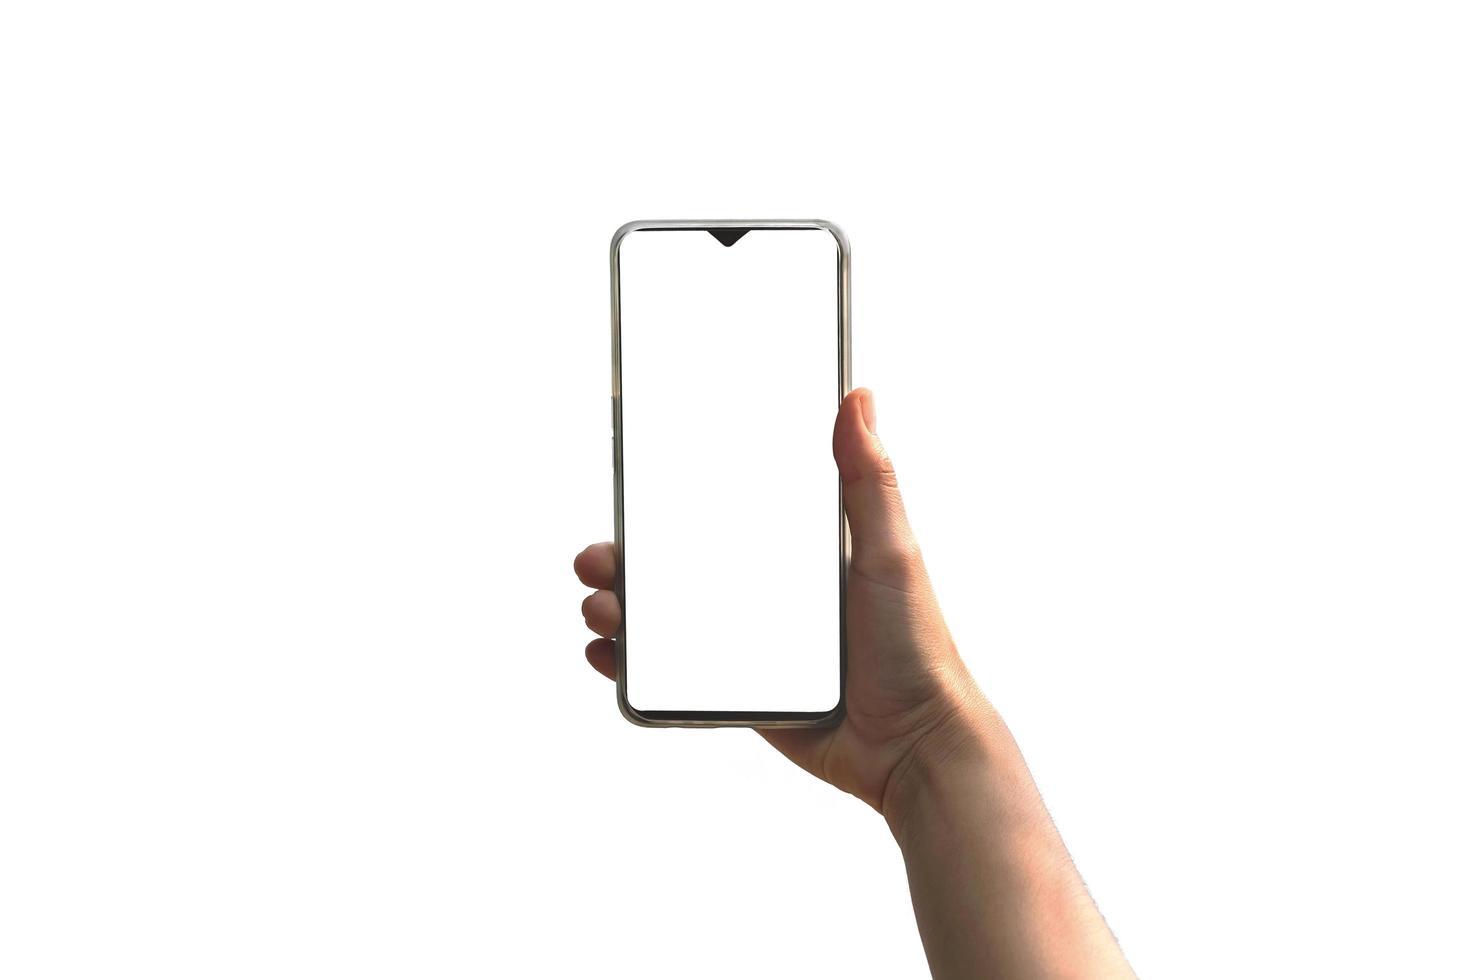 mänsklig hand som håller en smartphone med en tom vit skärm på en vit foto